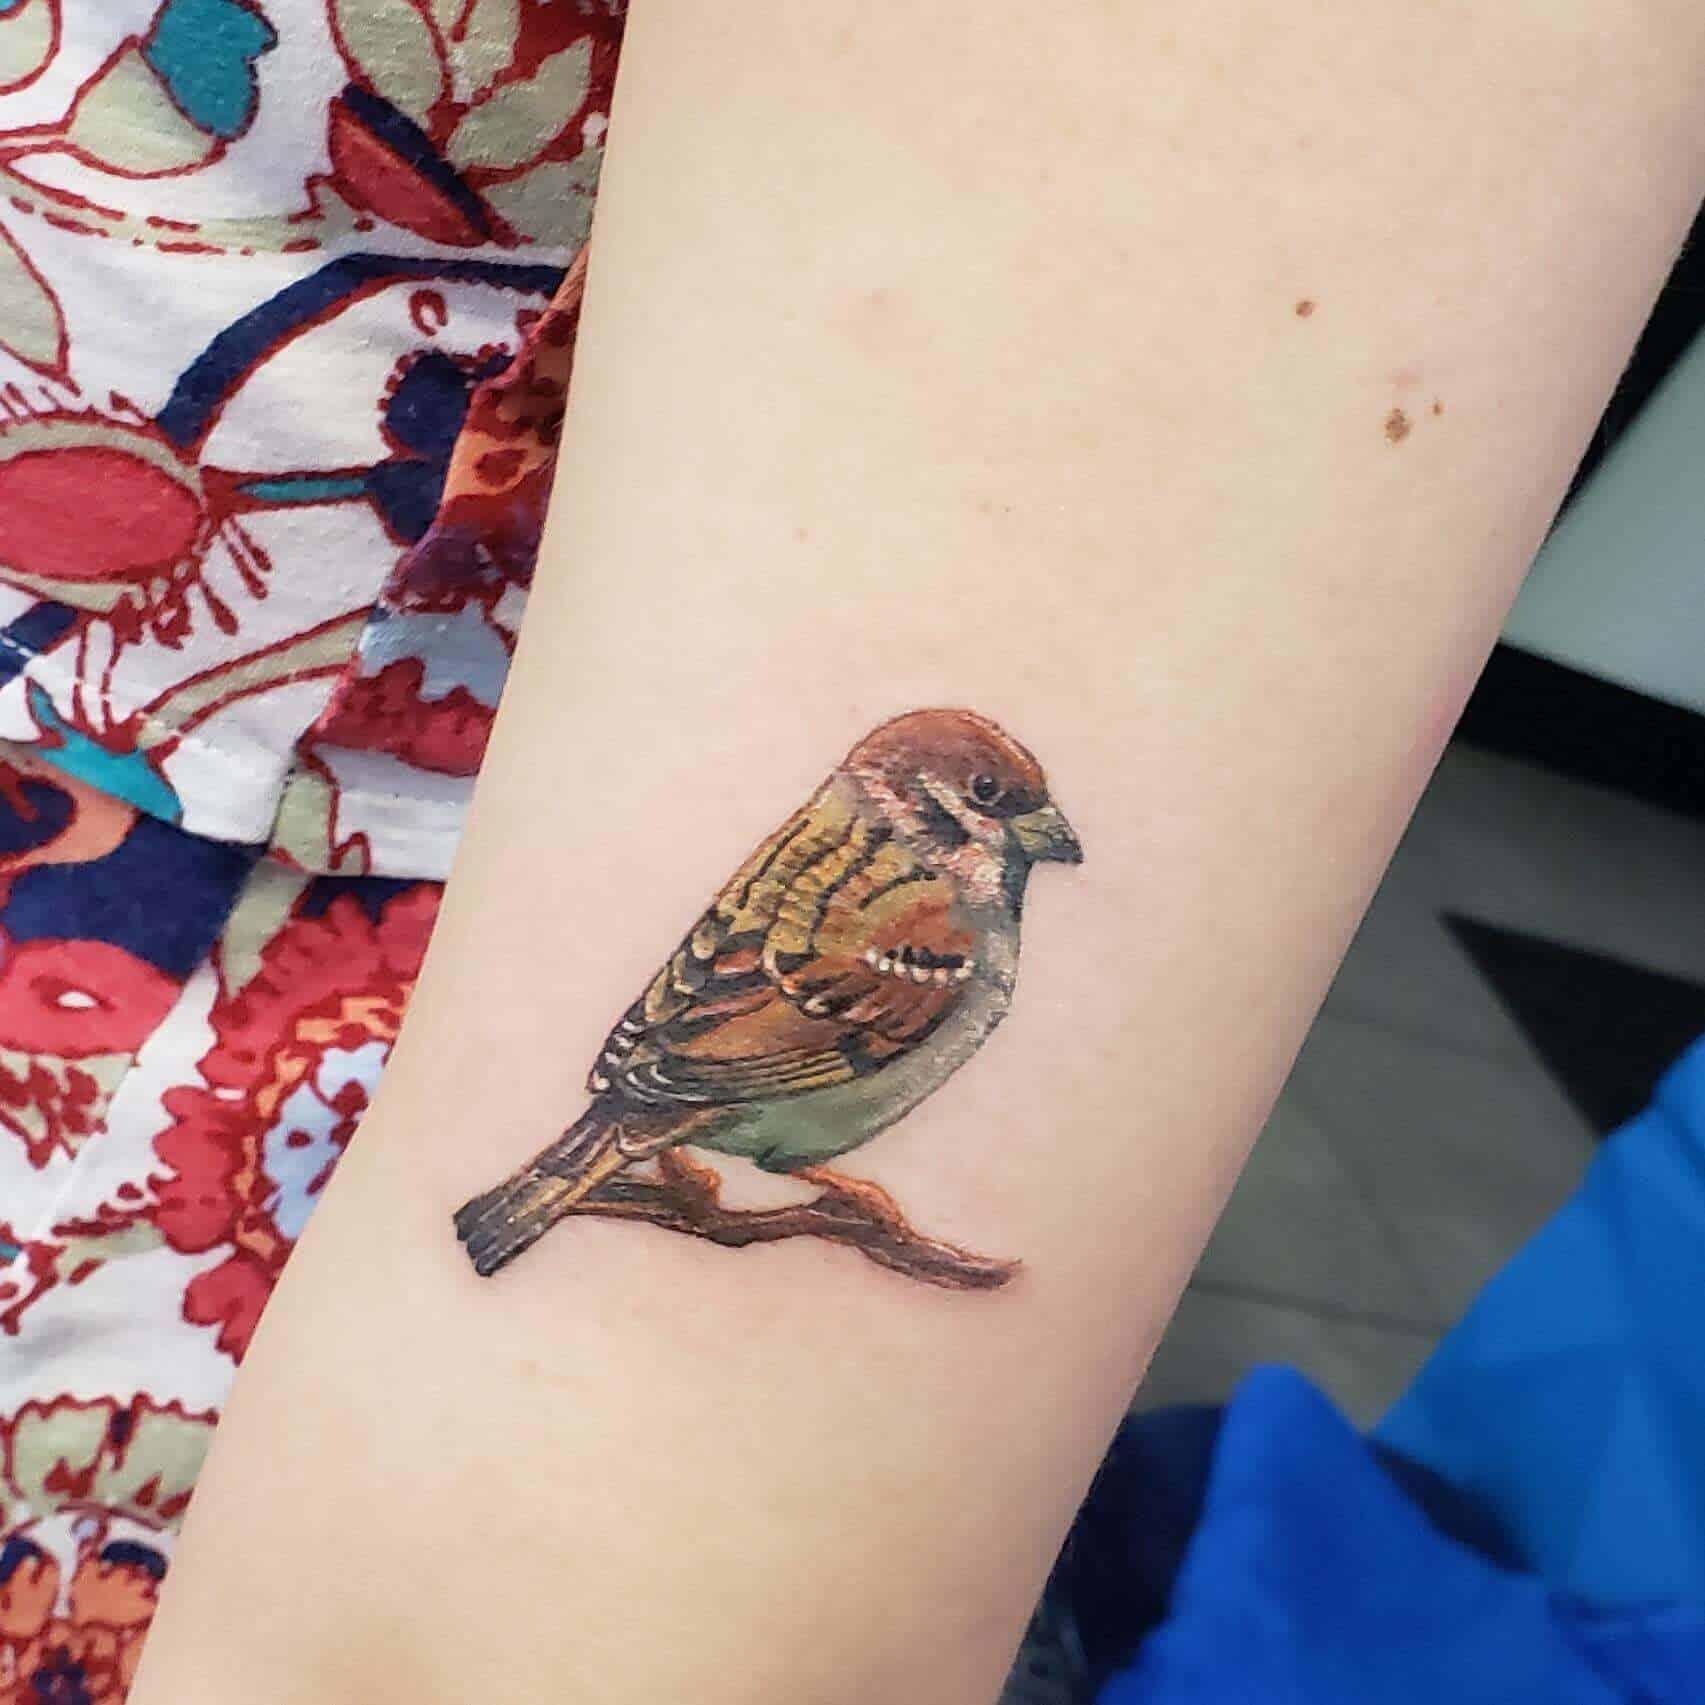 45 Impressive Sparrow Tattoo Ideas - Tattoo Inspiration ...